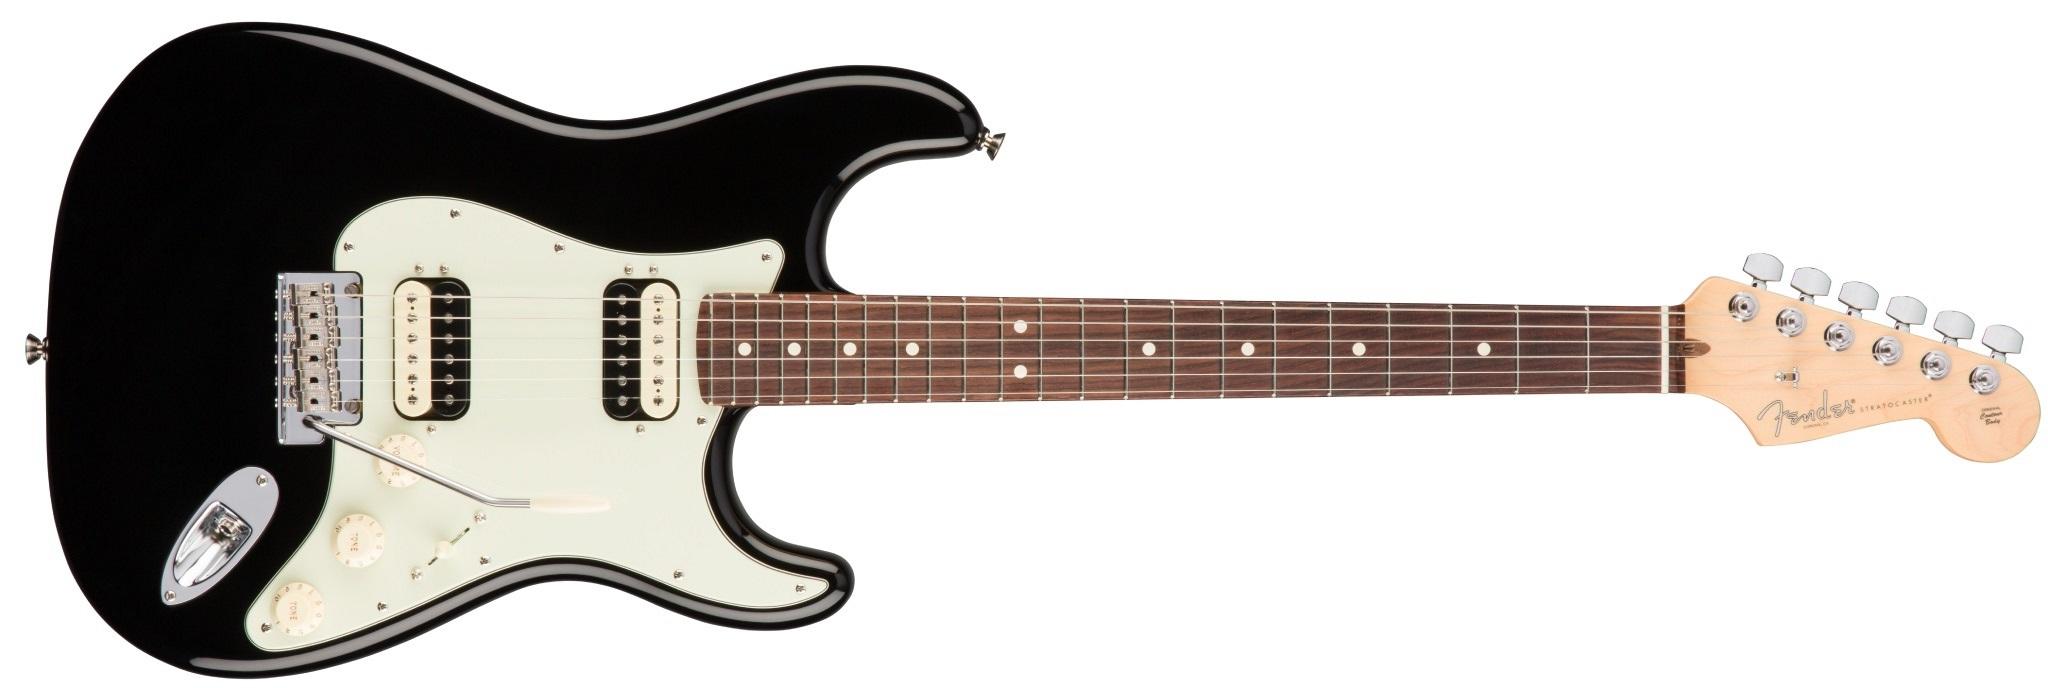 Fender American Pro Stratocaster HH Shawbuckers RW BK